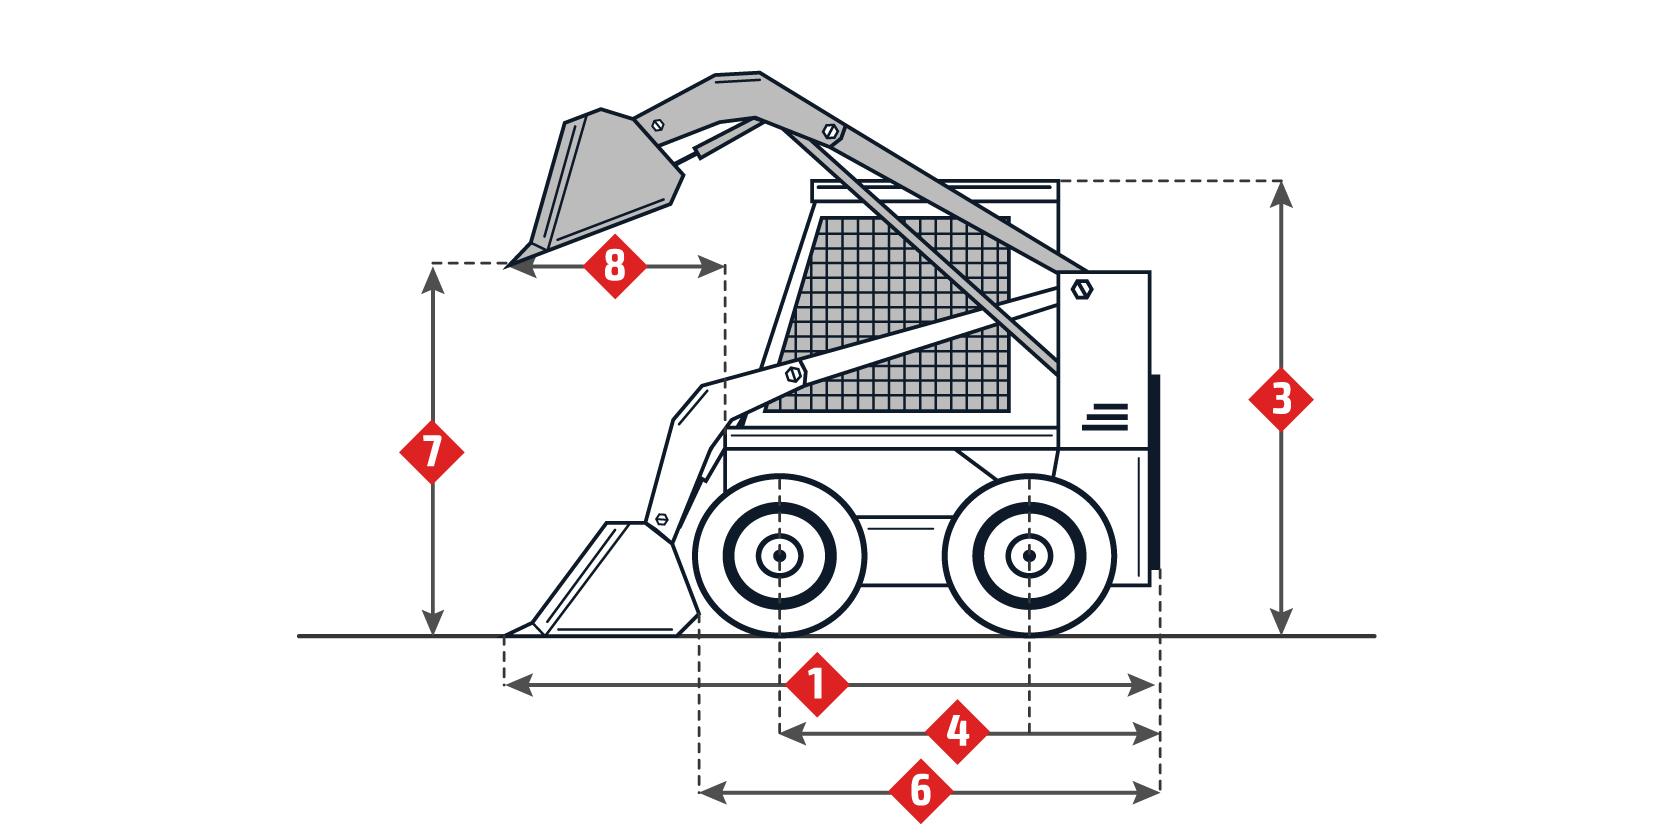 Gehl Skid Steer Parts